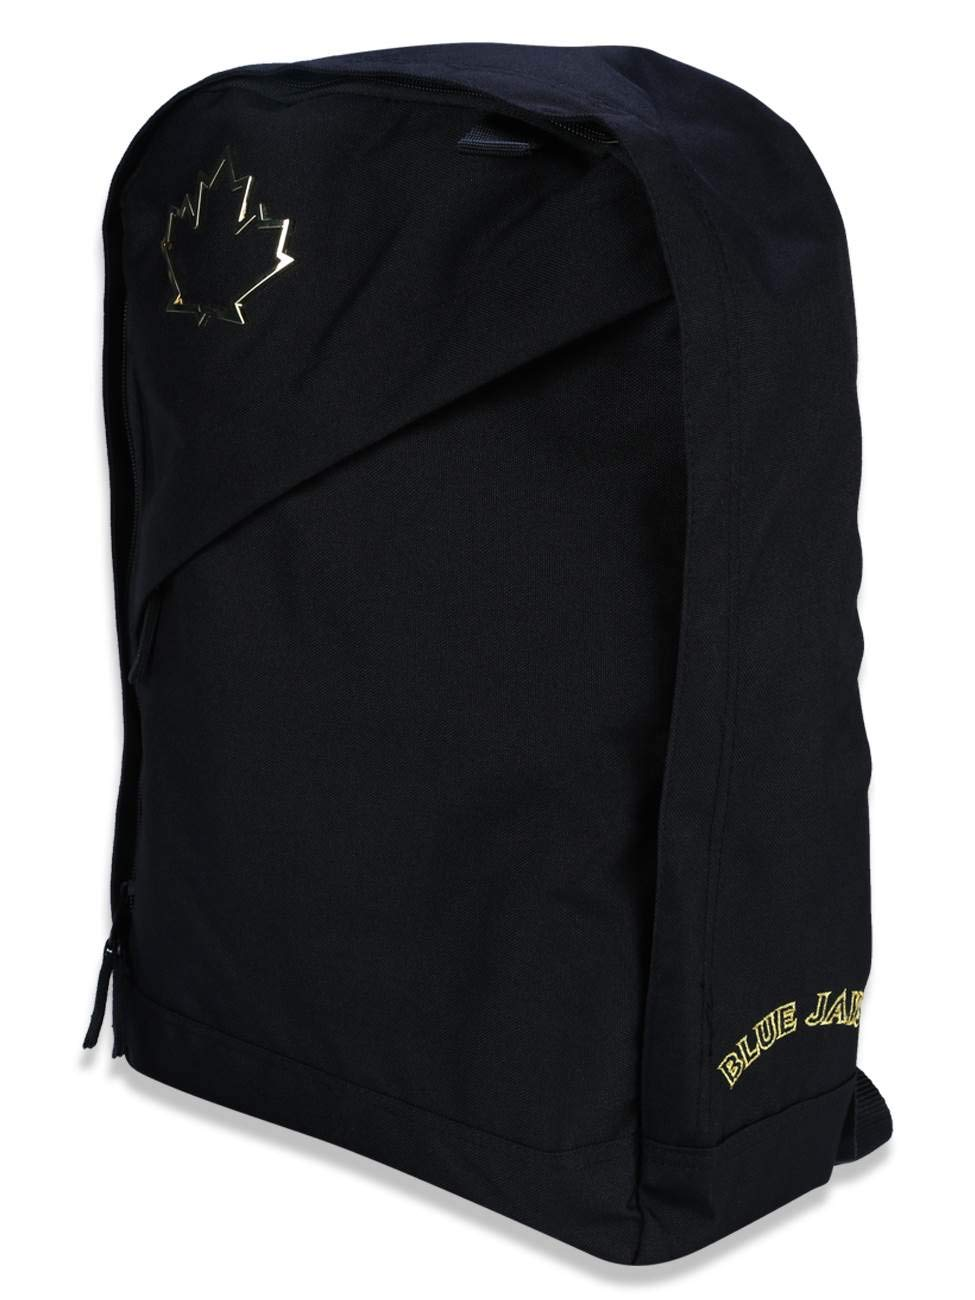 34ec7464a0b Toronto Blue Jays Black Split Pack Backpack Bag Made By New Era ...